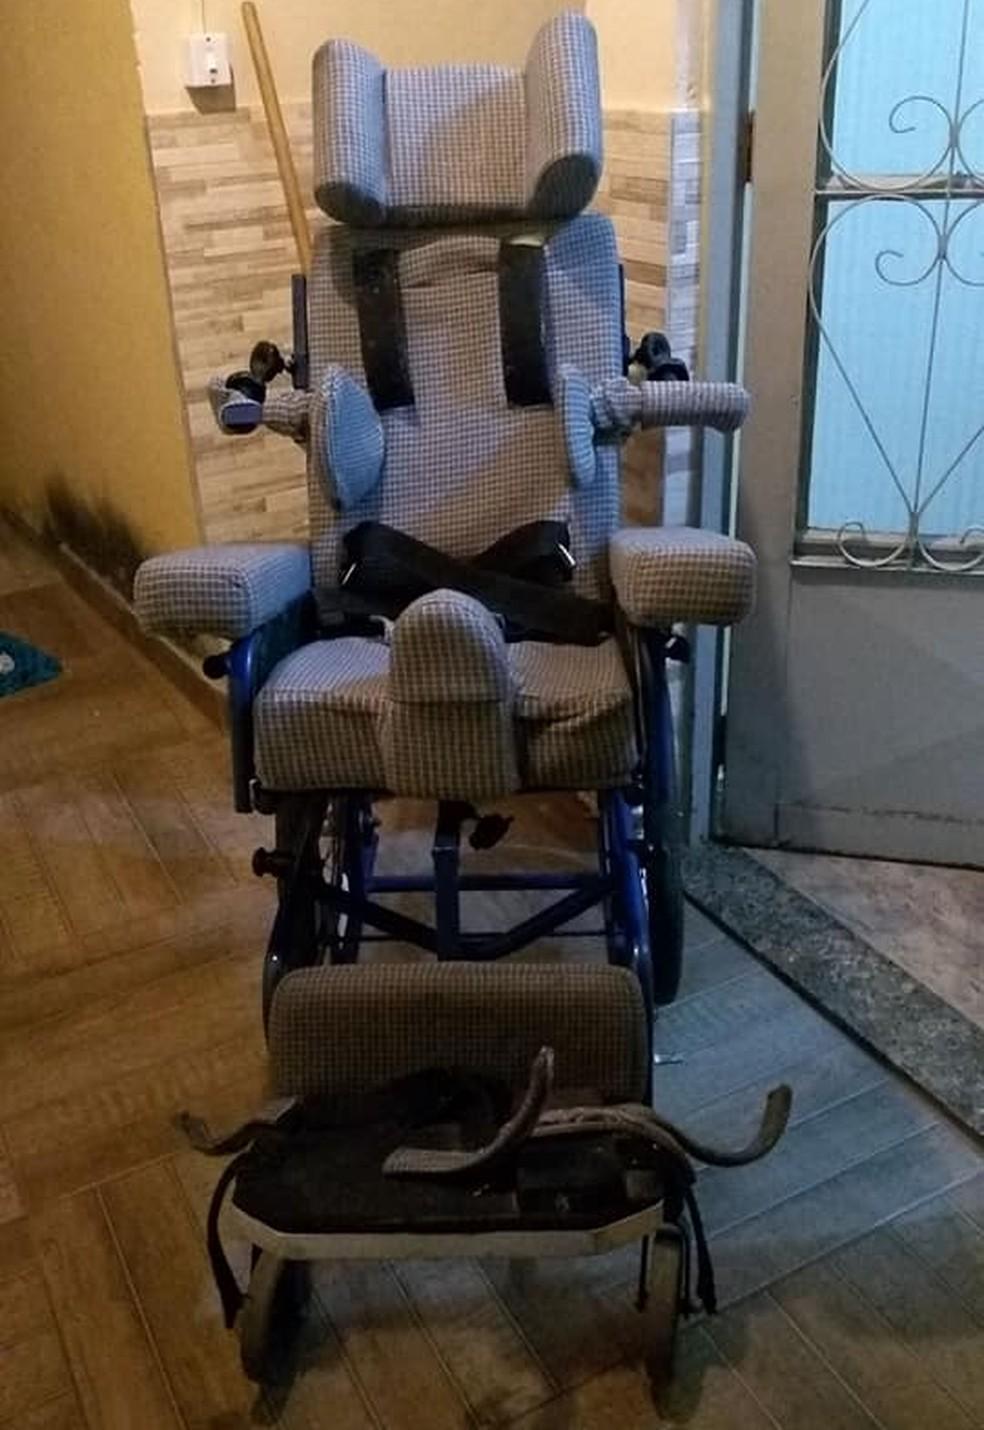 Cadeira de rodas de garota com paralisia cerebral foi roubada dentro de carro em BH — Foto: Arquivo pessoal